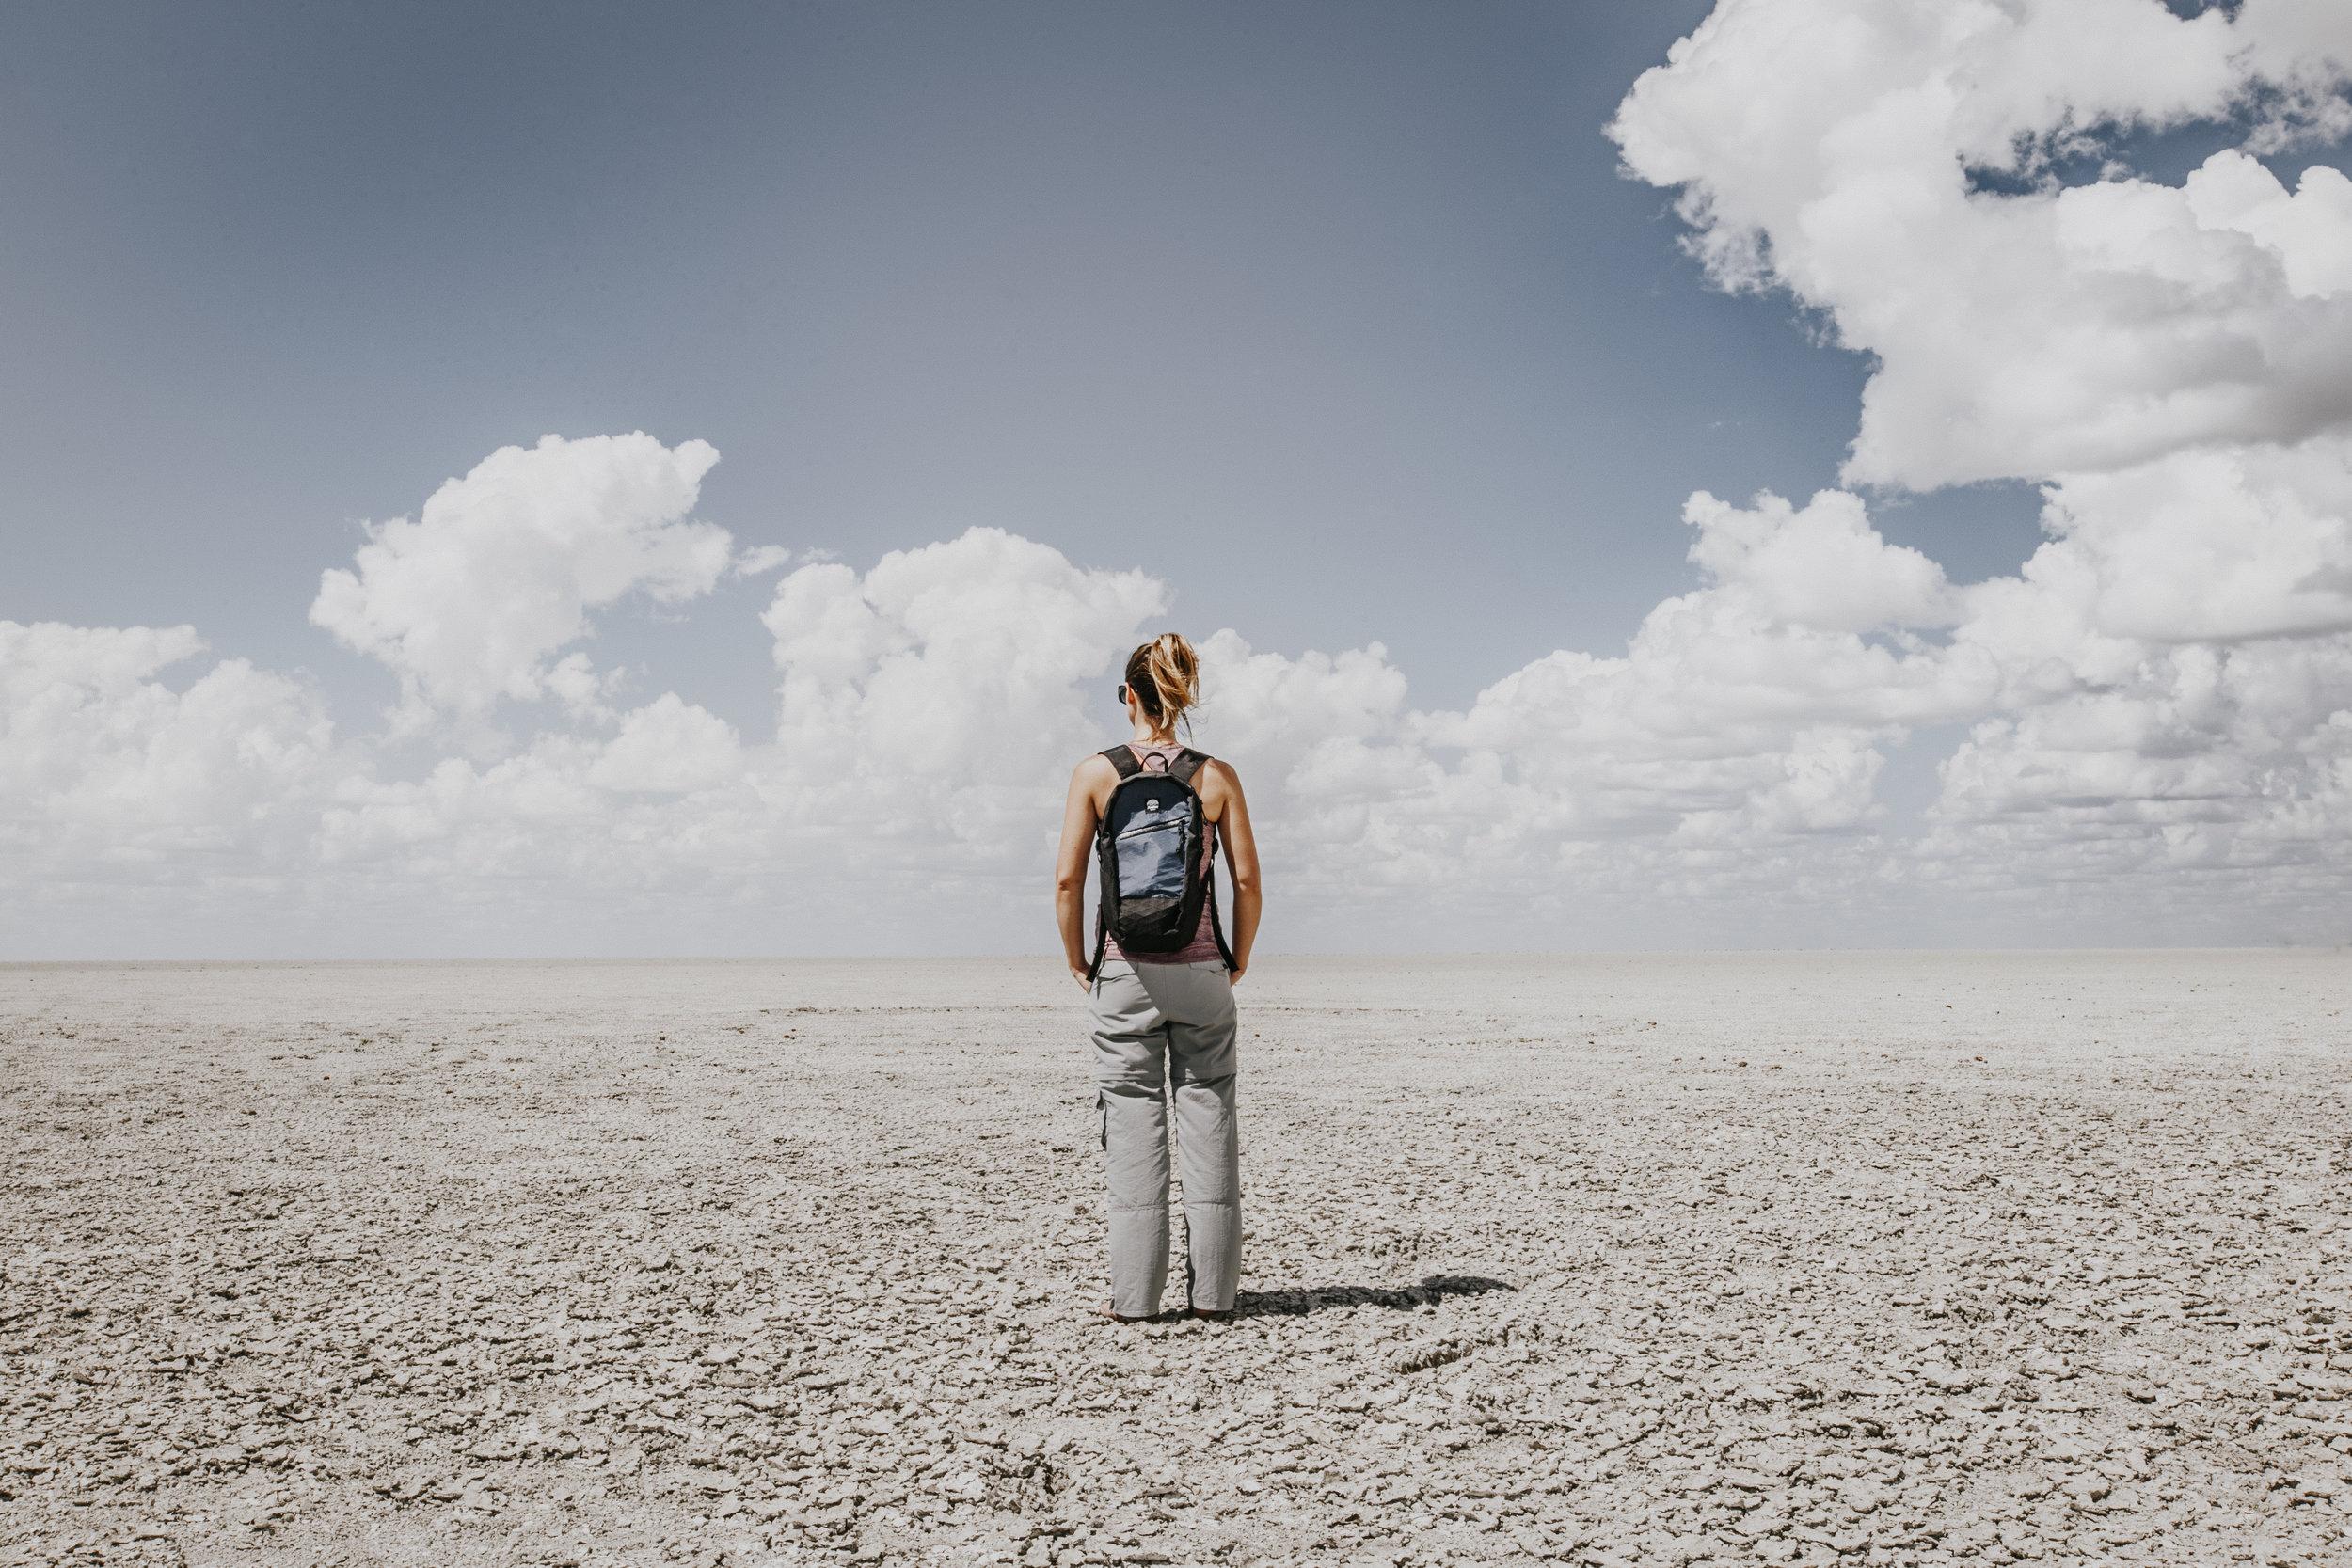 The desolation of the Etosha Pan, Etosha National Park